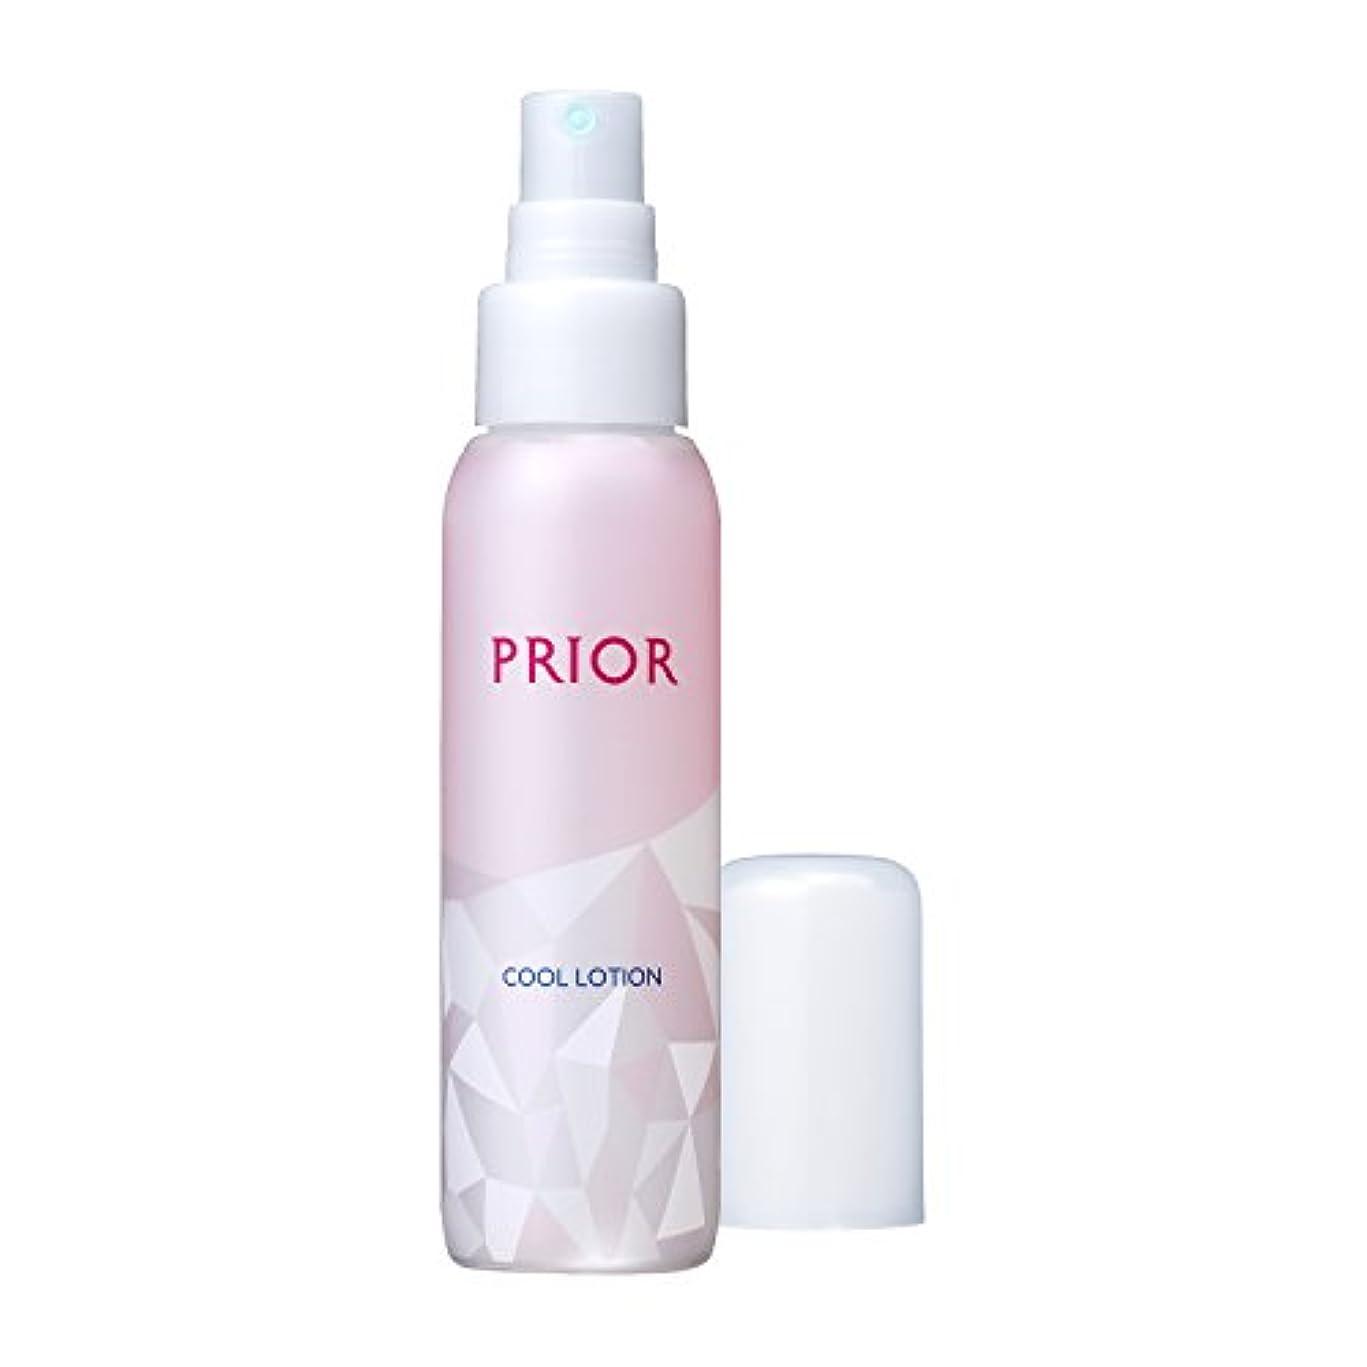 蒸気世論調査こしょうプリオール クールシャワー化粧水 80mL